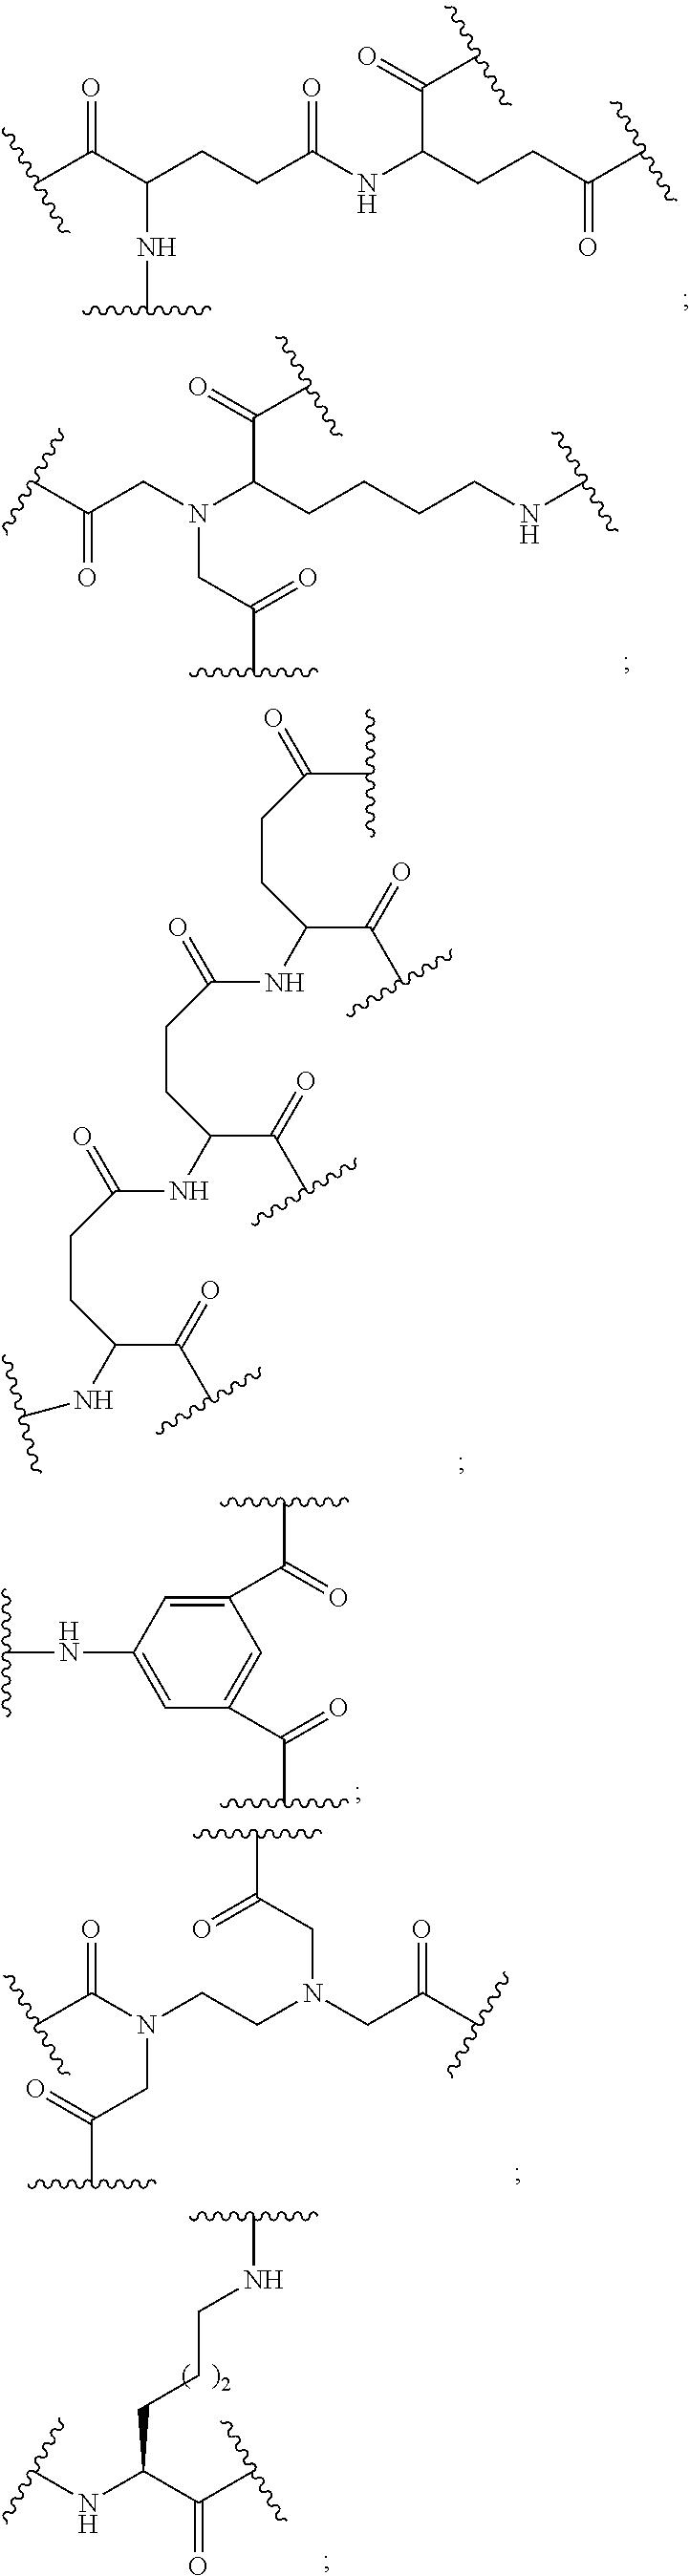 Figure US09994855-20180612-C00073